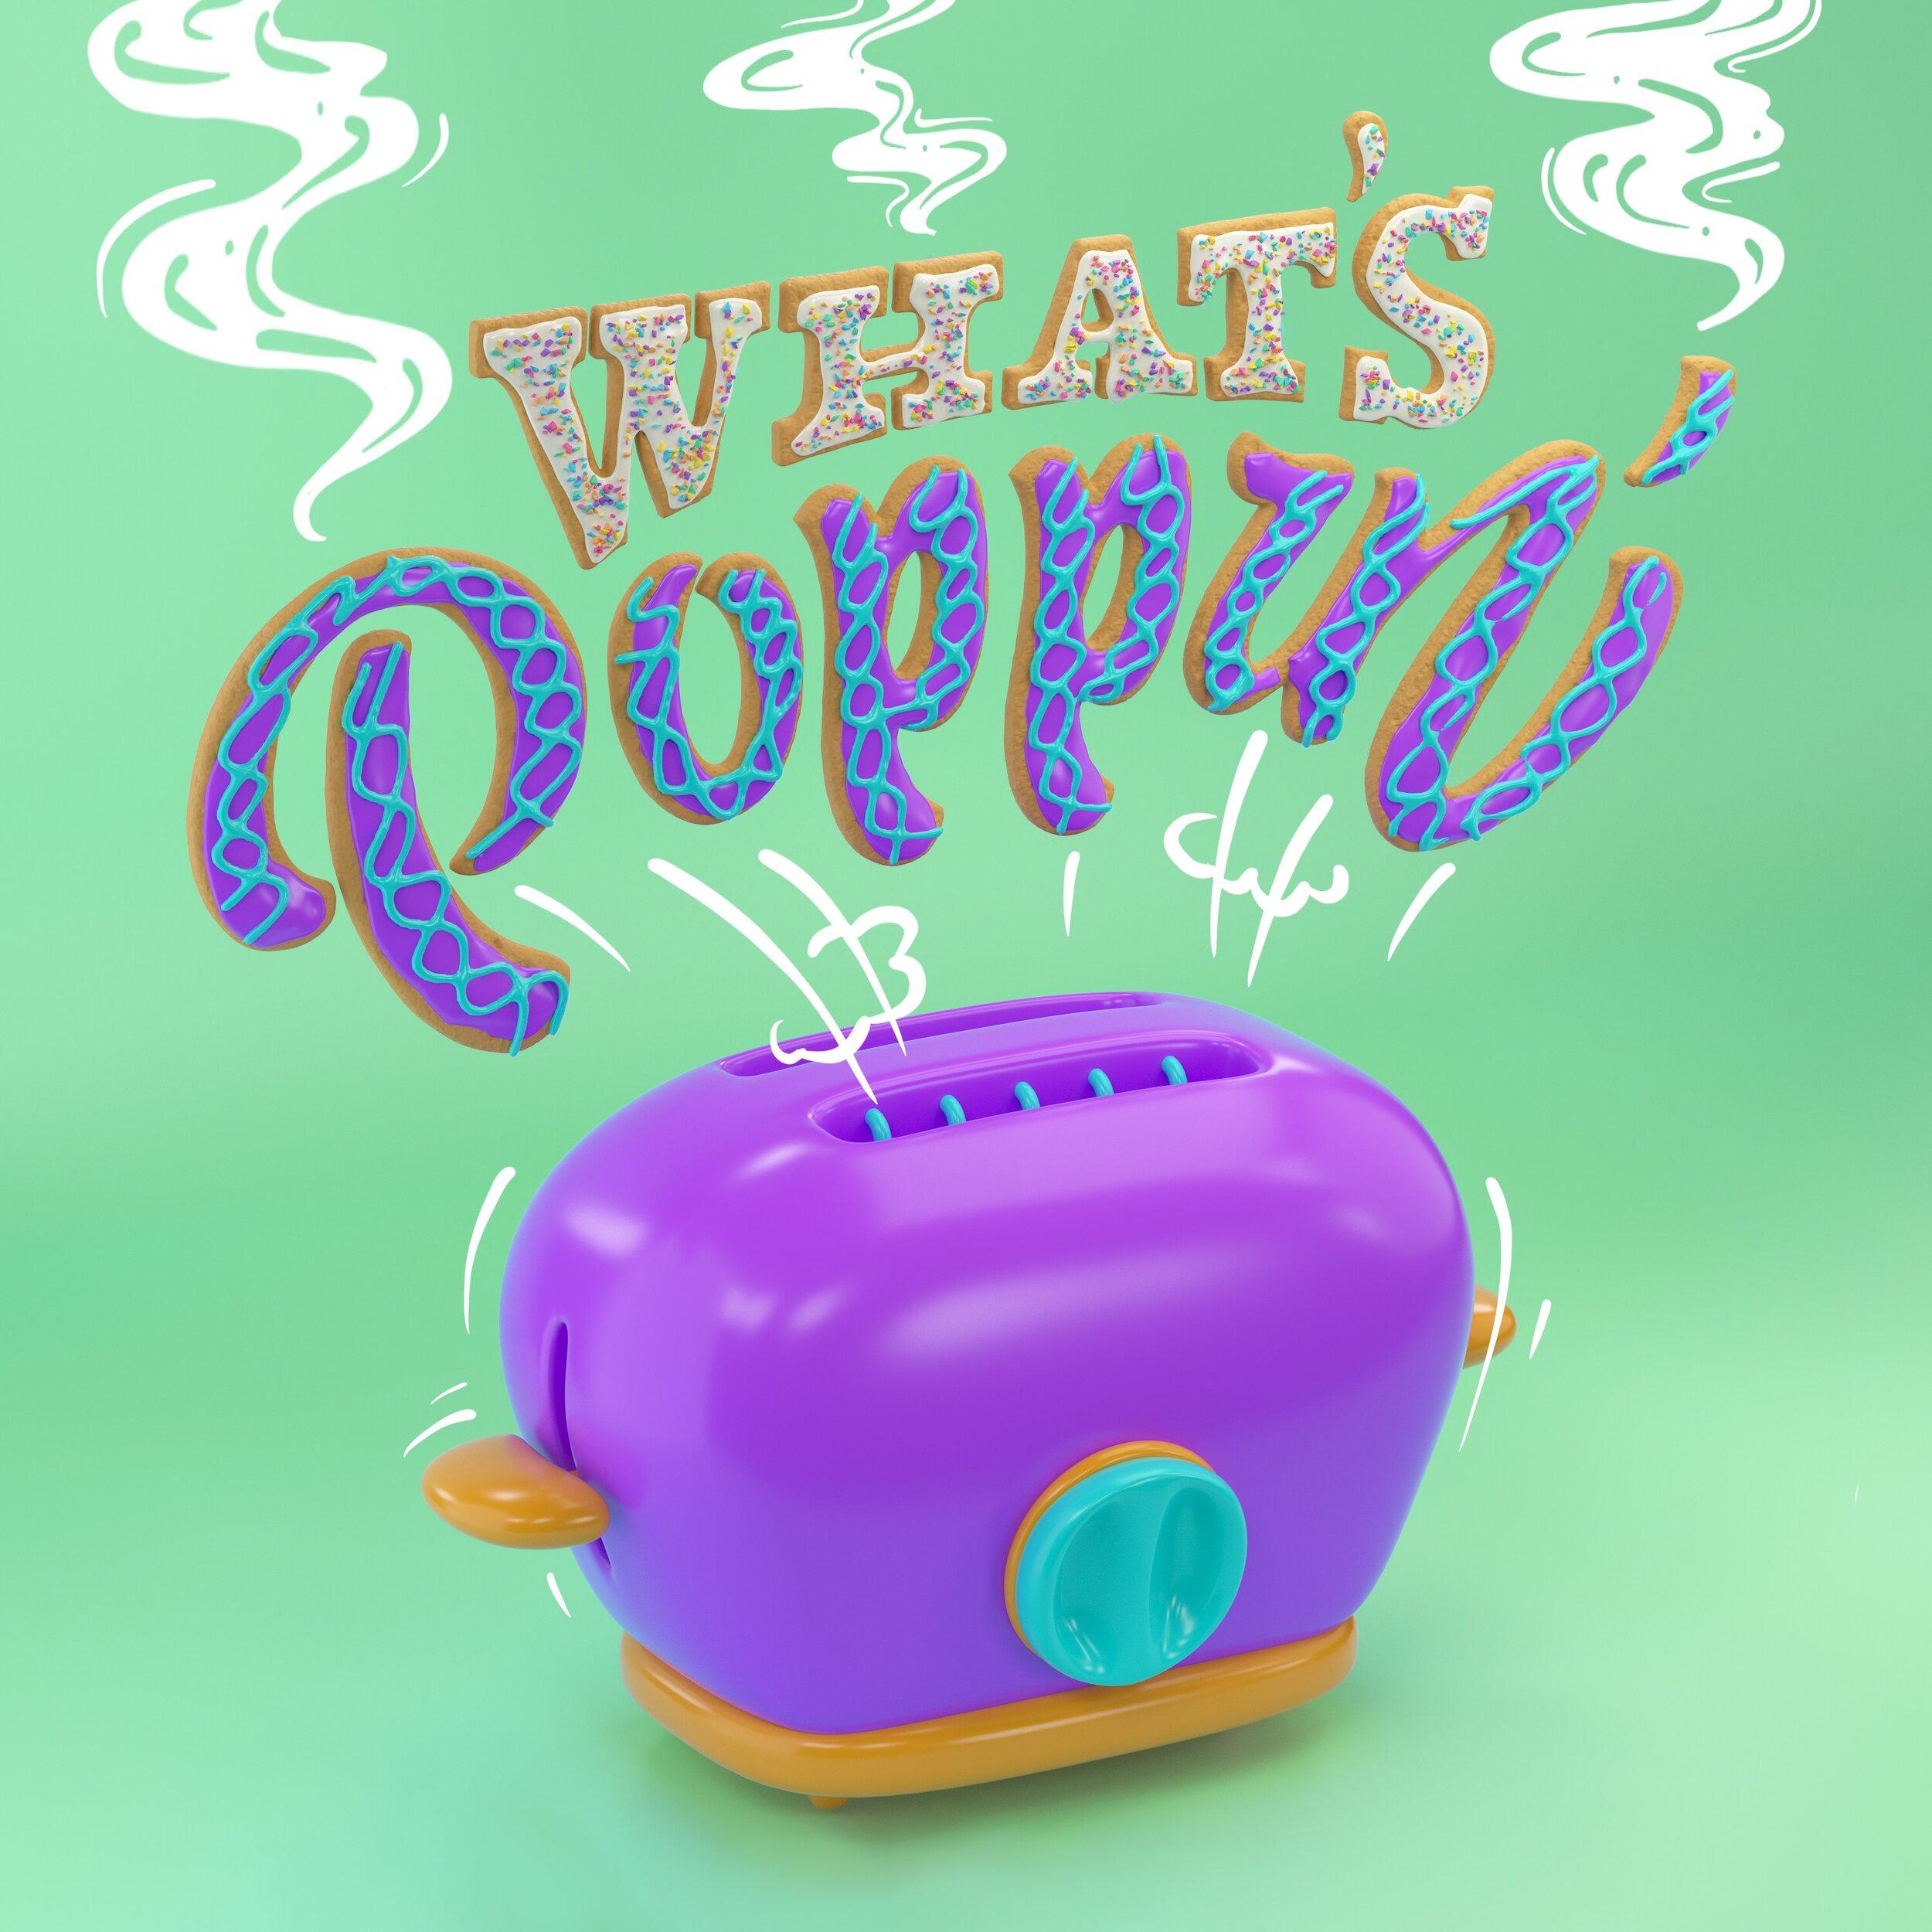 Whats-Poppin_Pop-Tart_by-Noah-Camp.jpeg